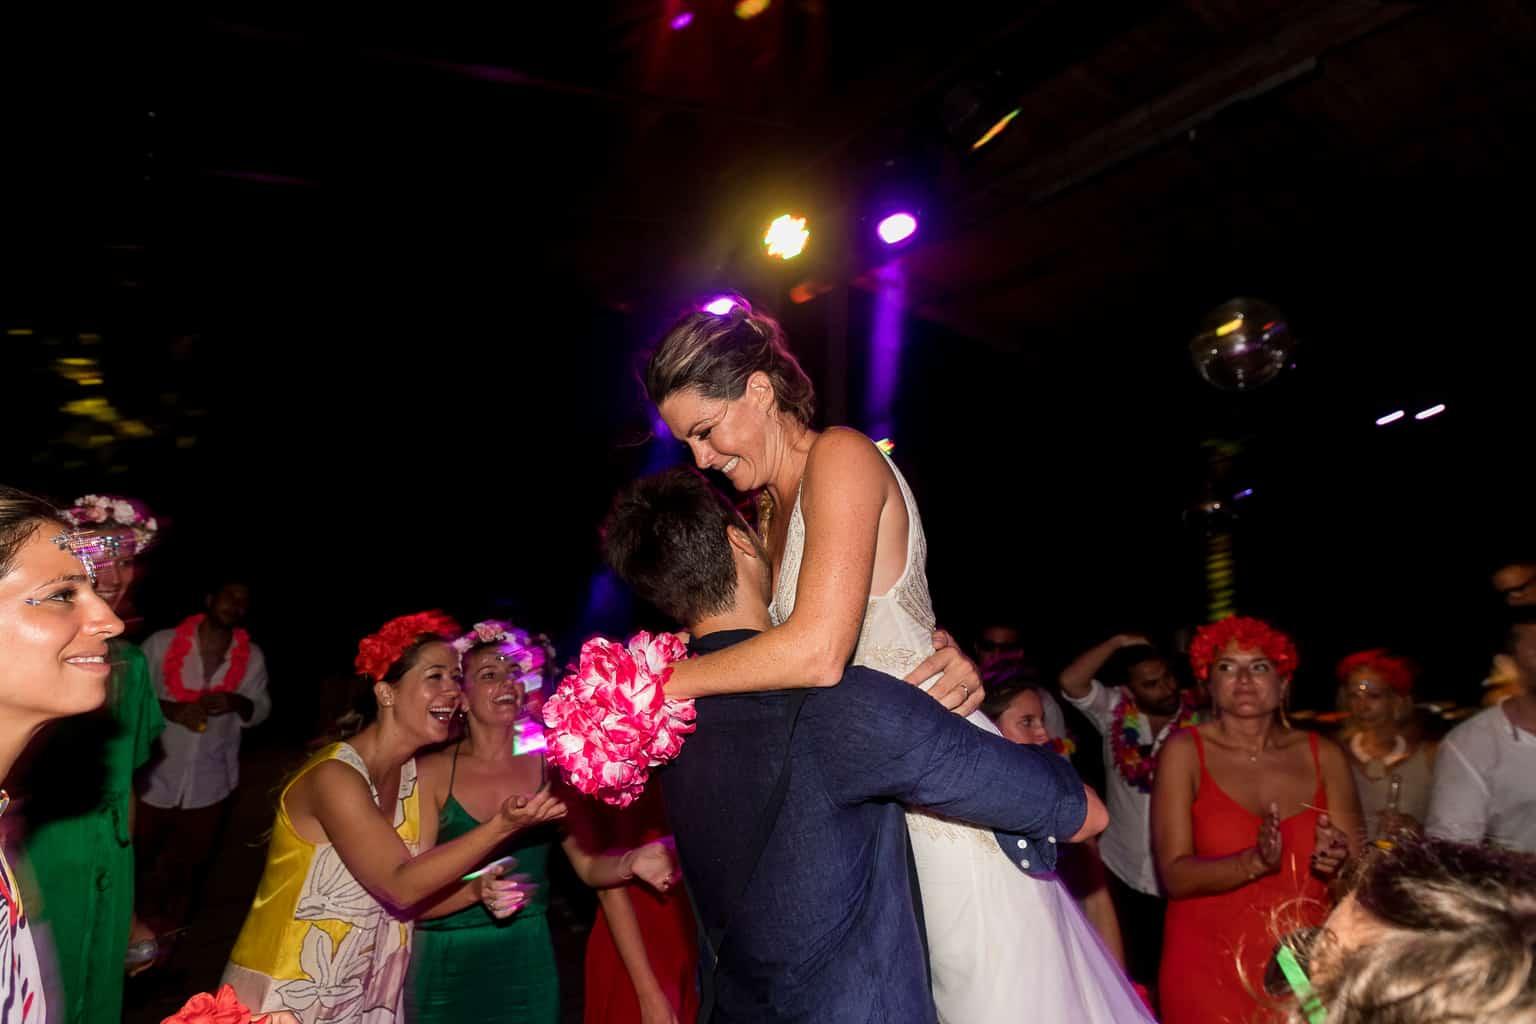 Casamento-Victoria-e-Christian-Fotografia-Tiago-Saldanha-Festa955_MG_3541